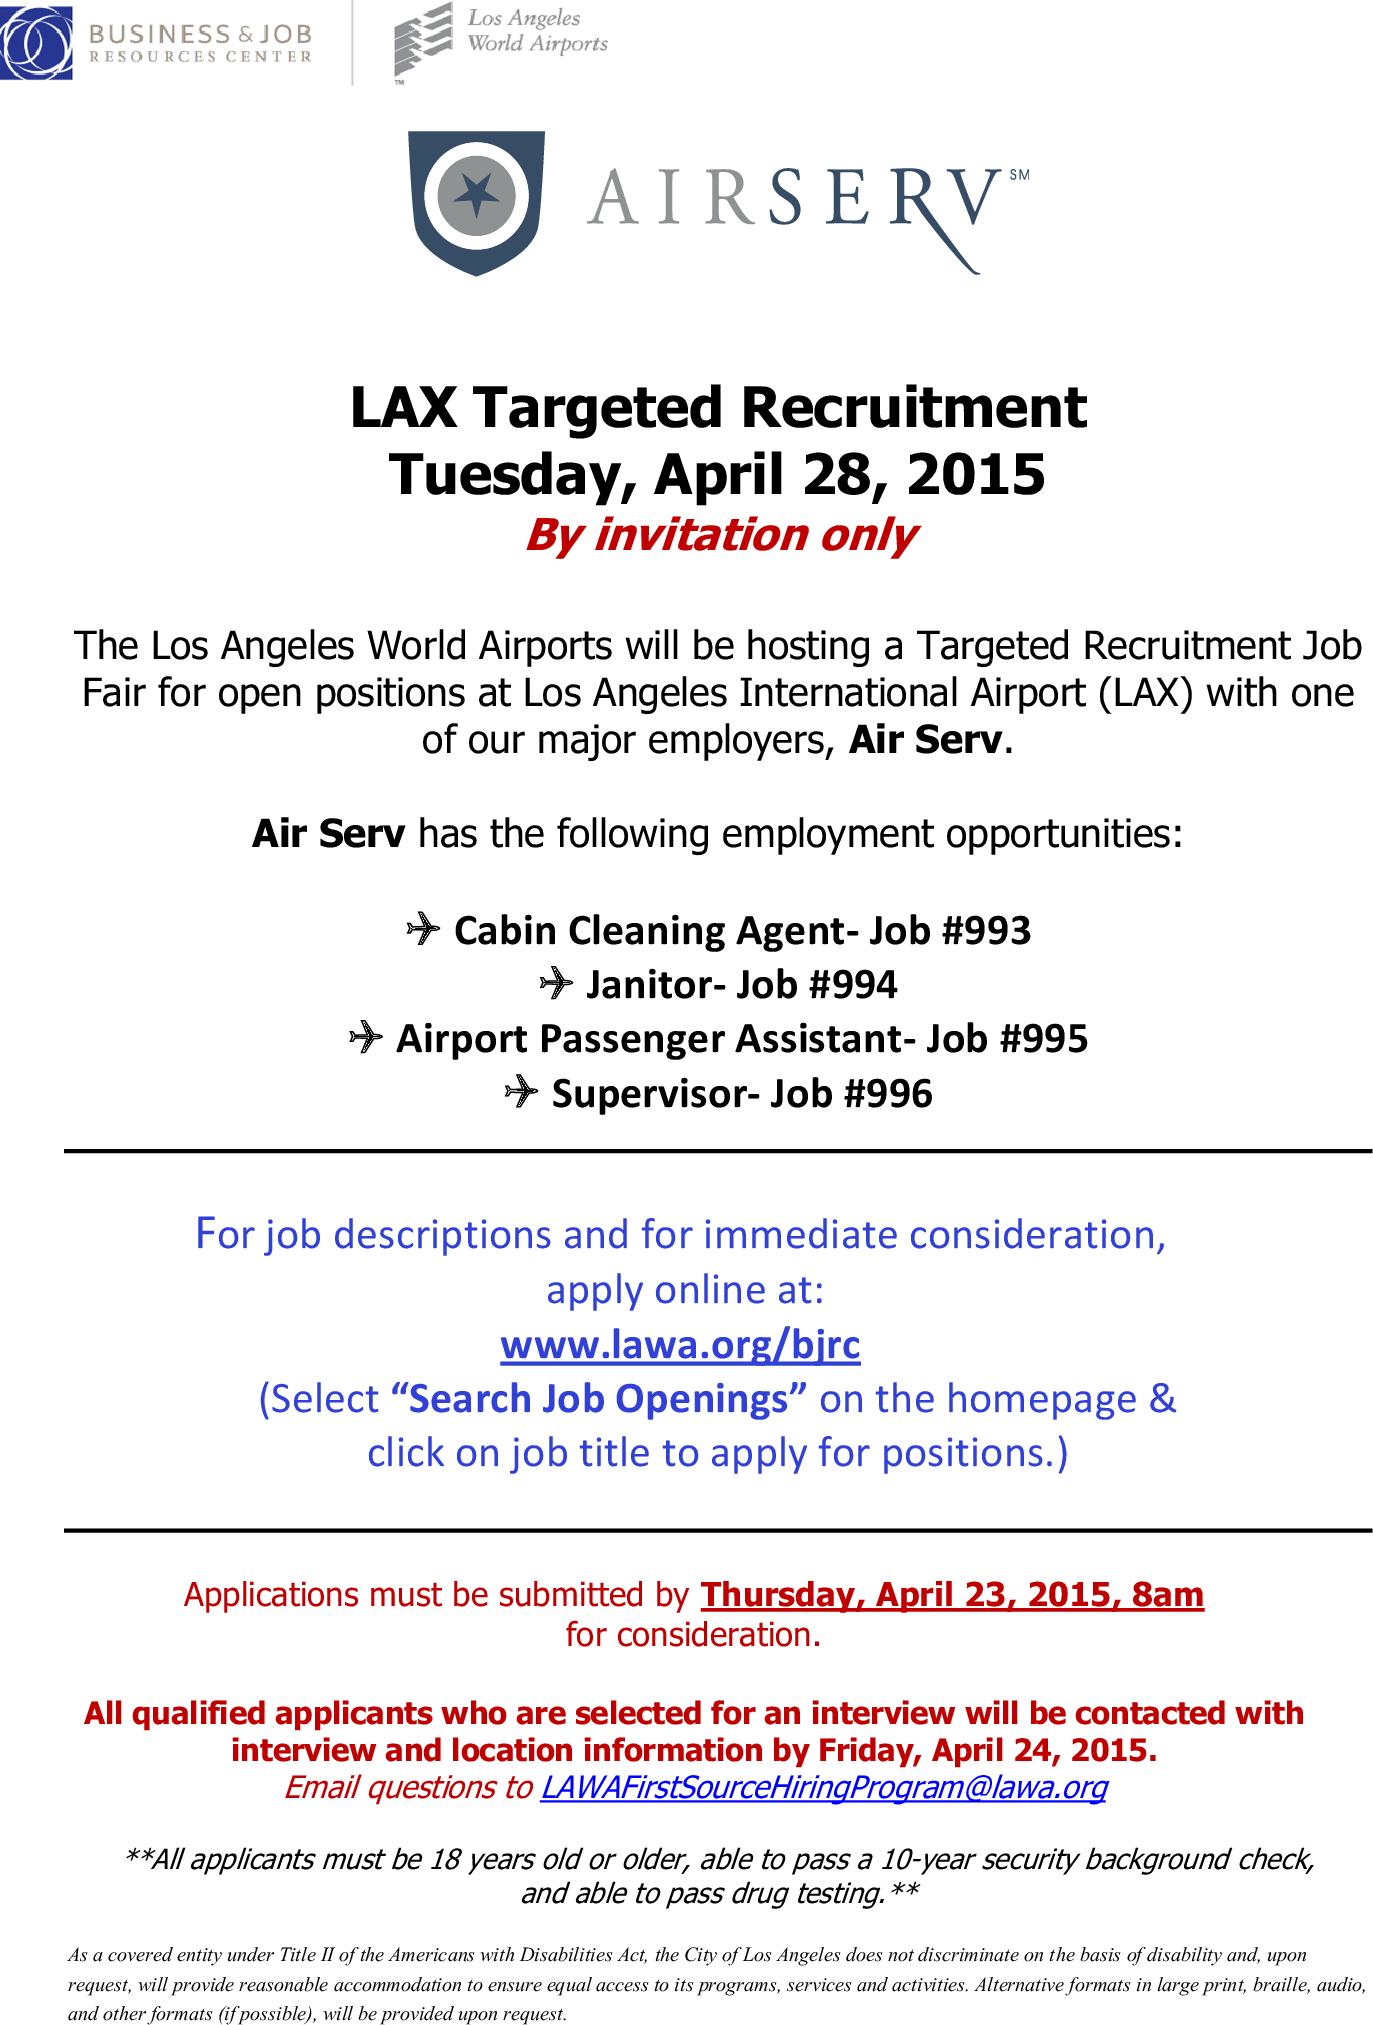 Air Serv Is Hiring Recruitment Job Fair On Tuesday April 28th